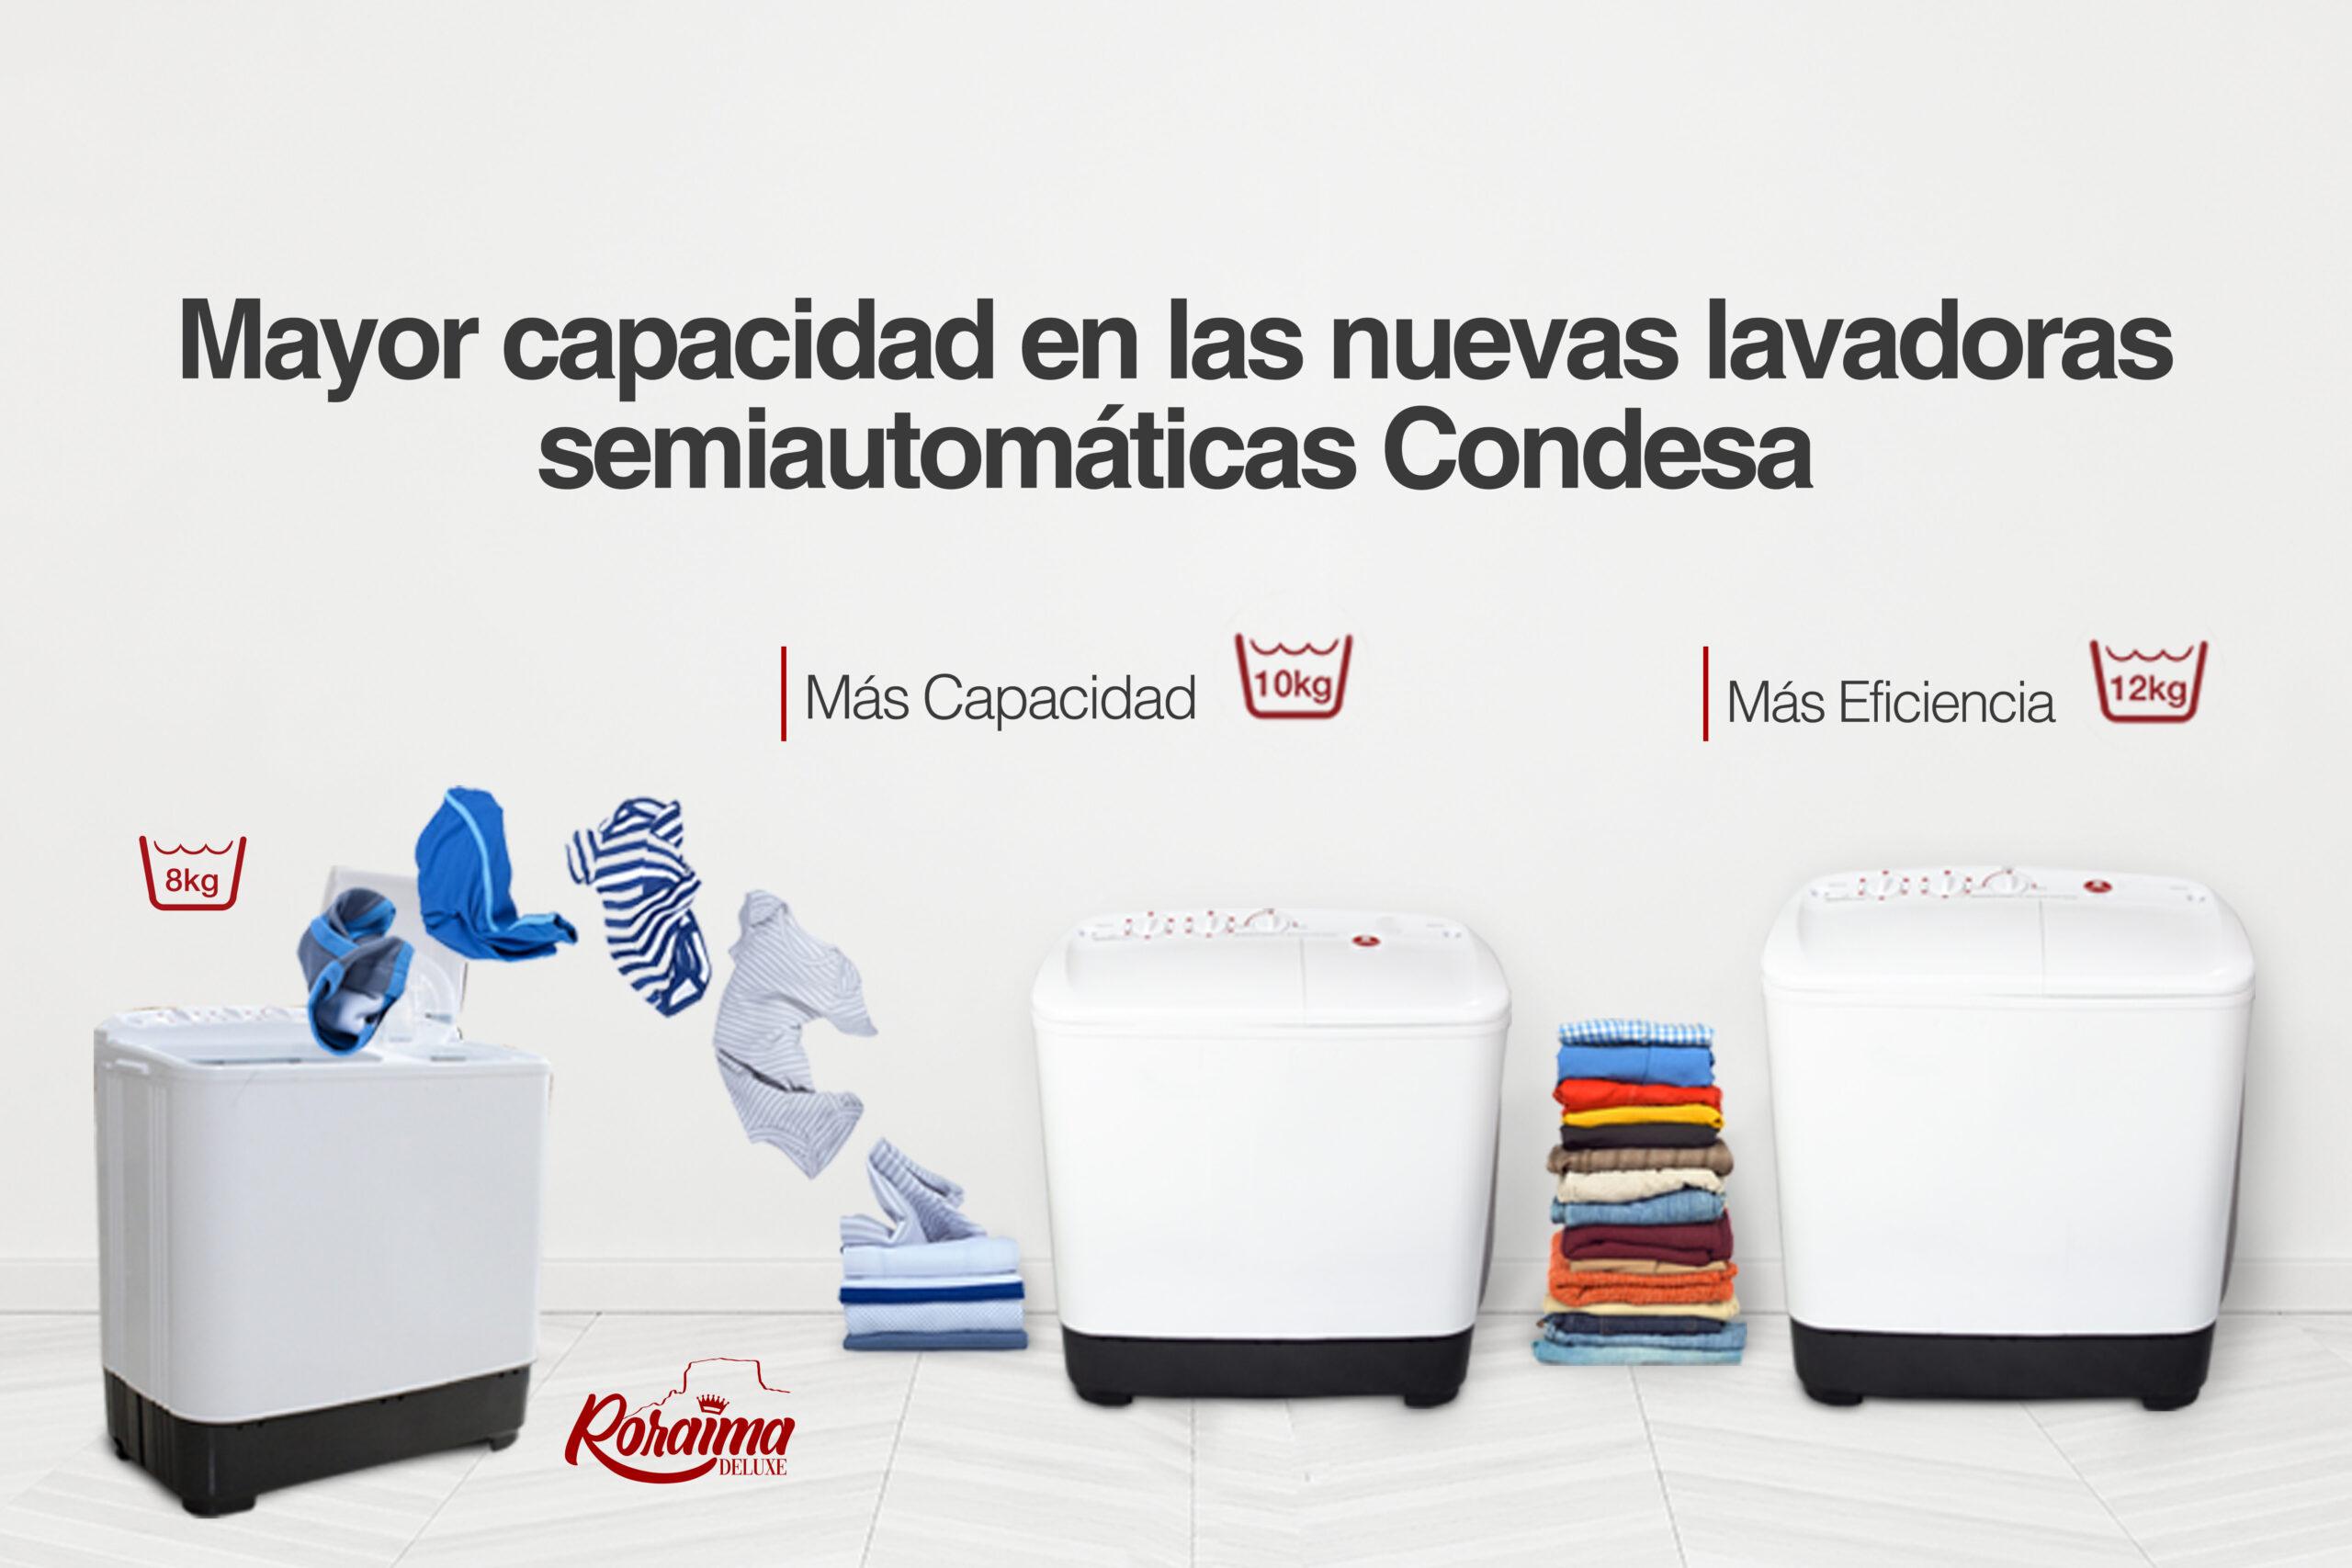 lavadoras semiautomáticas Condesa